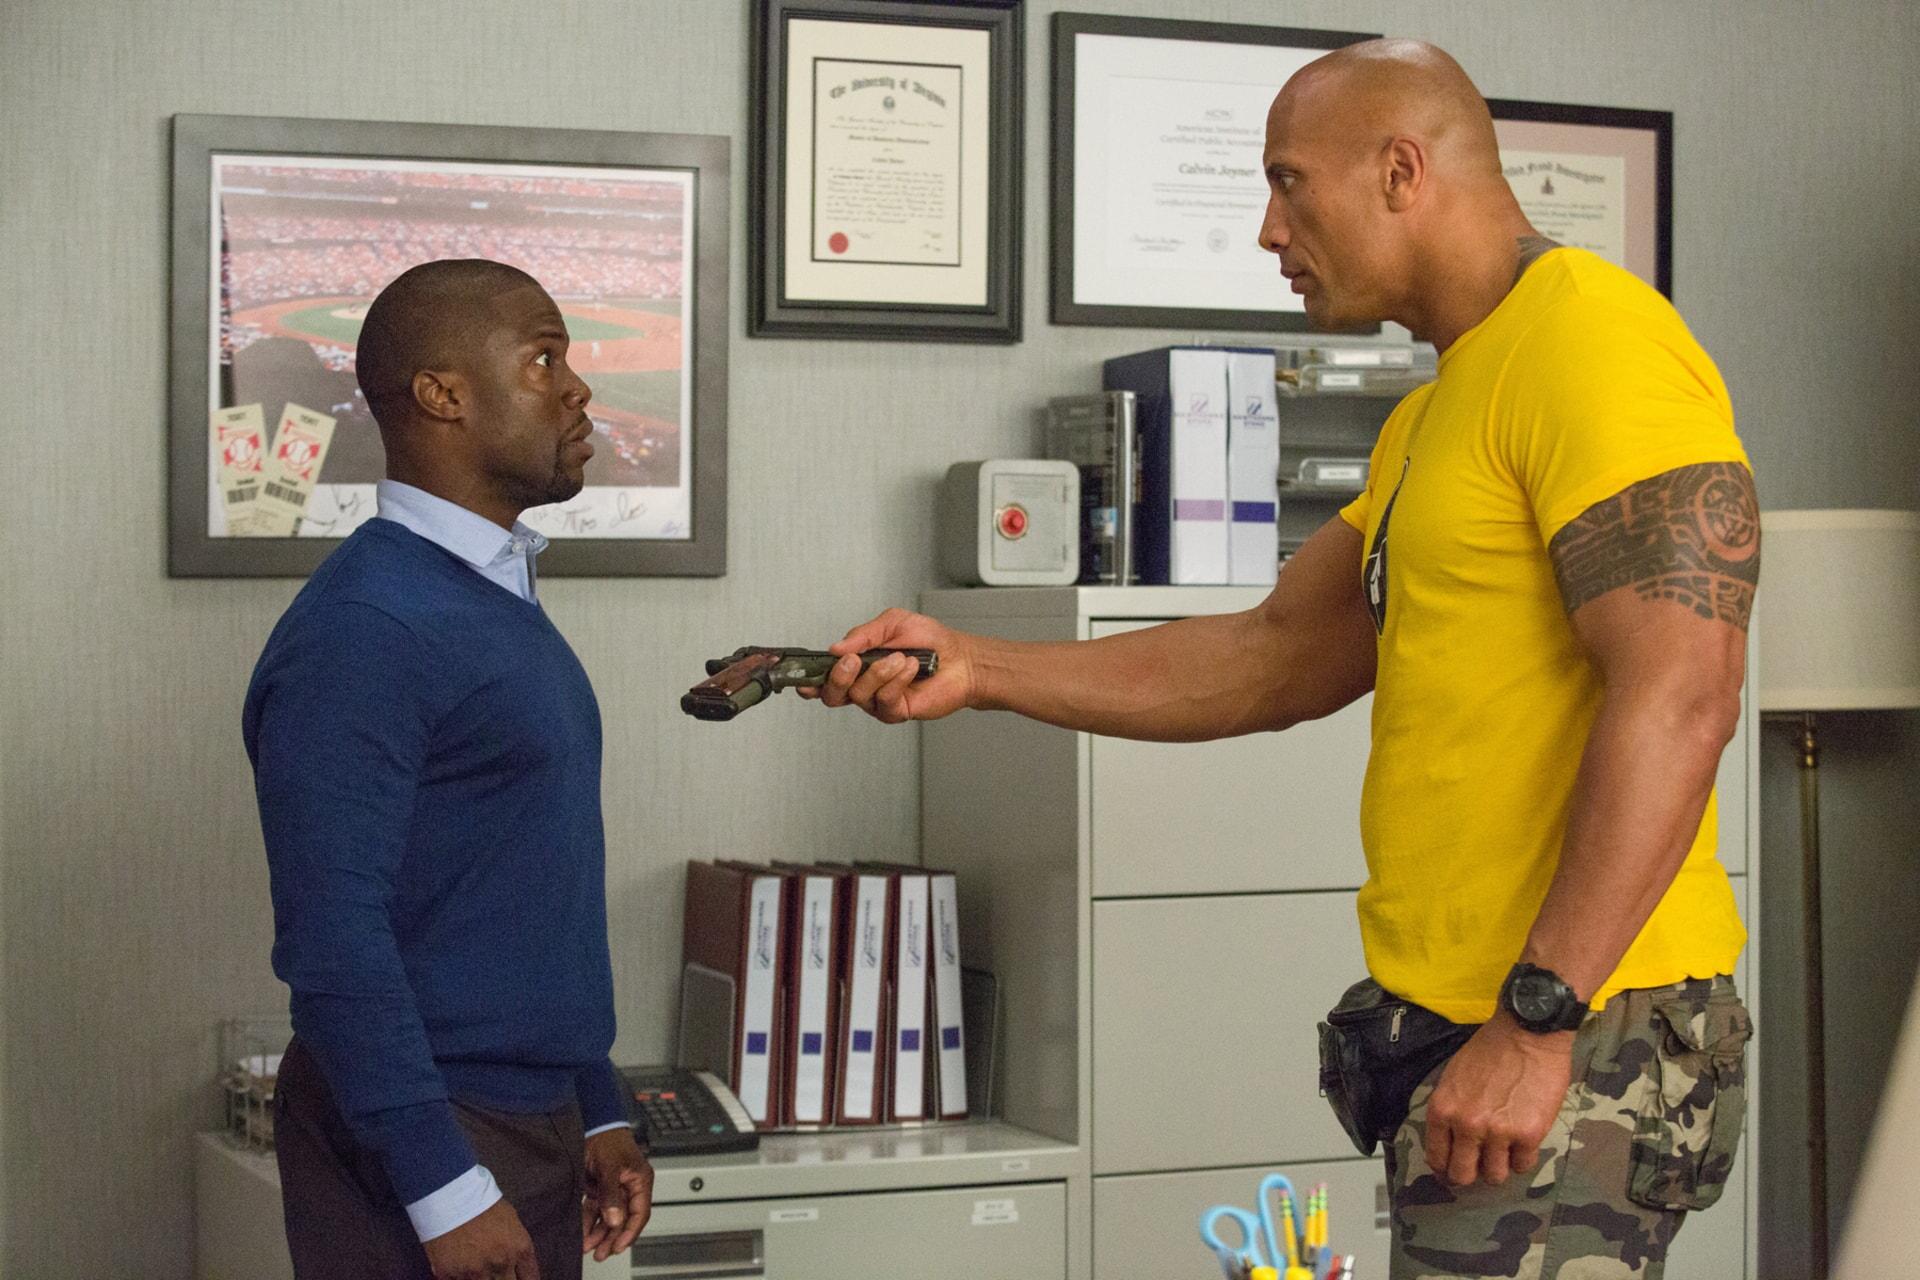 KEVIN HART as Calvin and DWAYNE JOHNSON as Bob handing over a gun